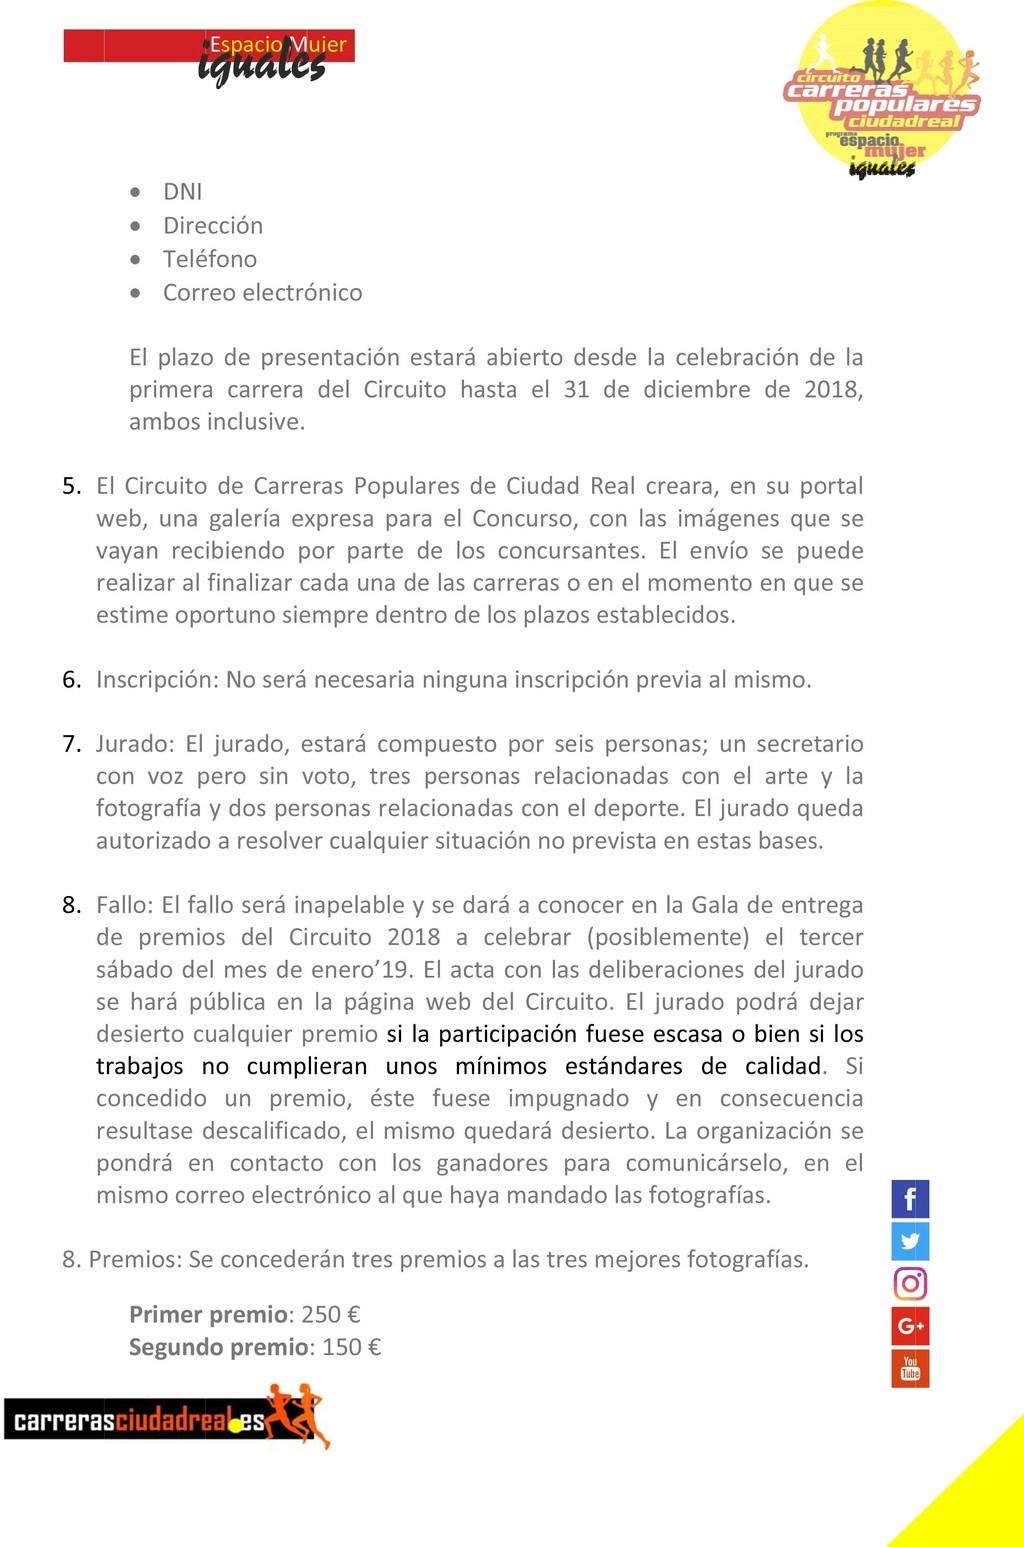 Concursos de Fotografía Diciembre 2018 Iguale11